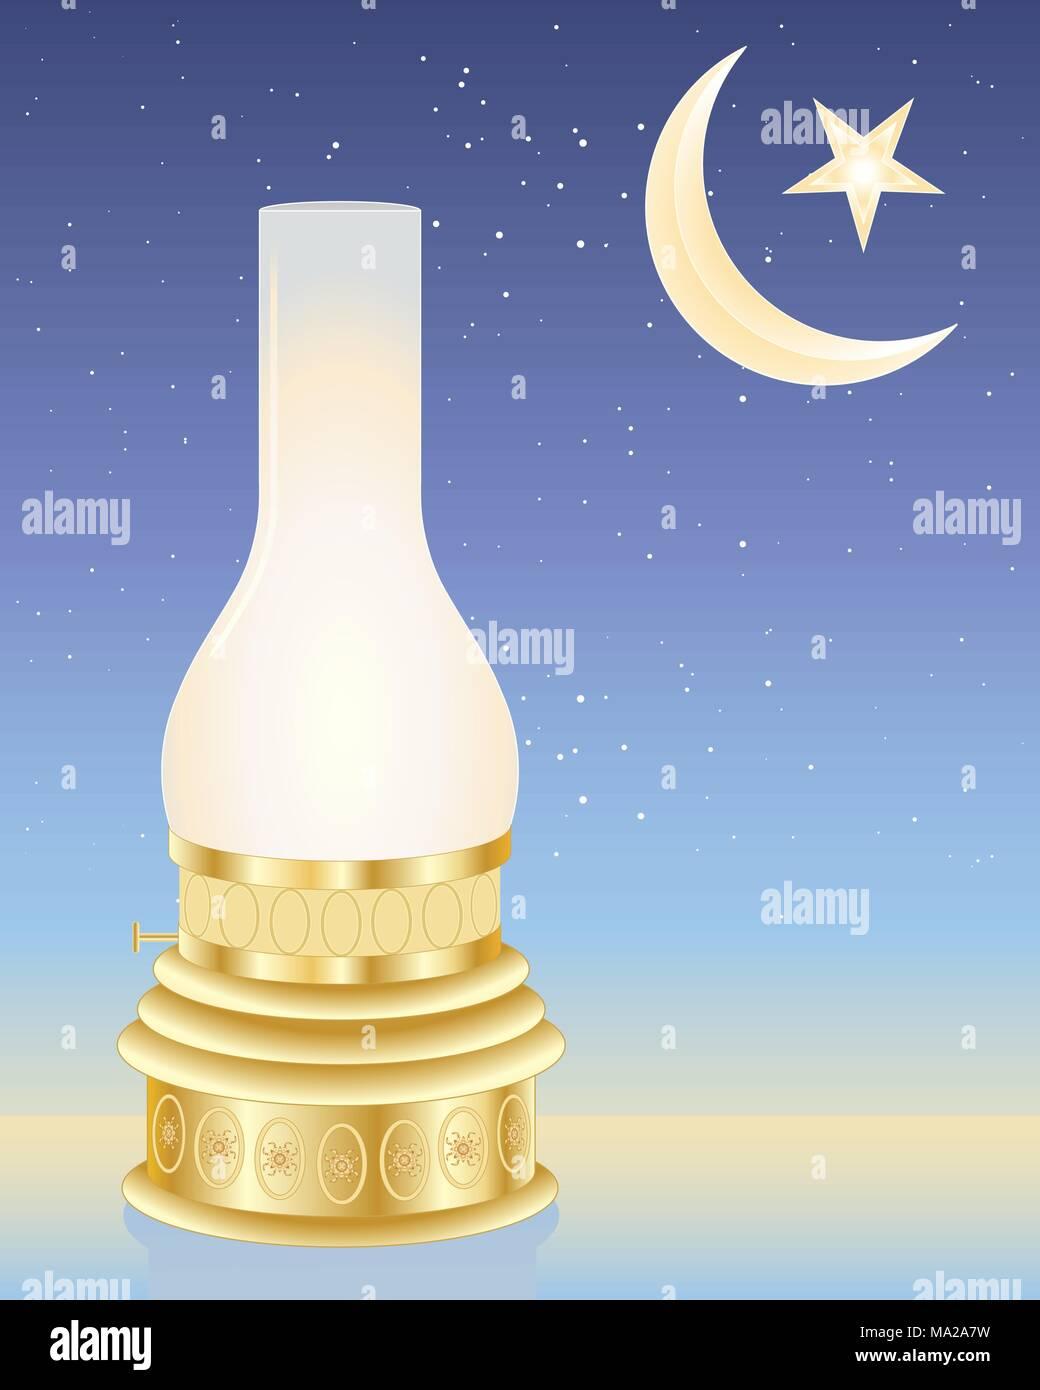 Una illustrazione vettoriale in formato eps formato 10 di Ramadan lampada con una mezzaluna e stella Immagini Stock